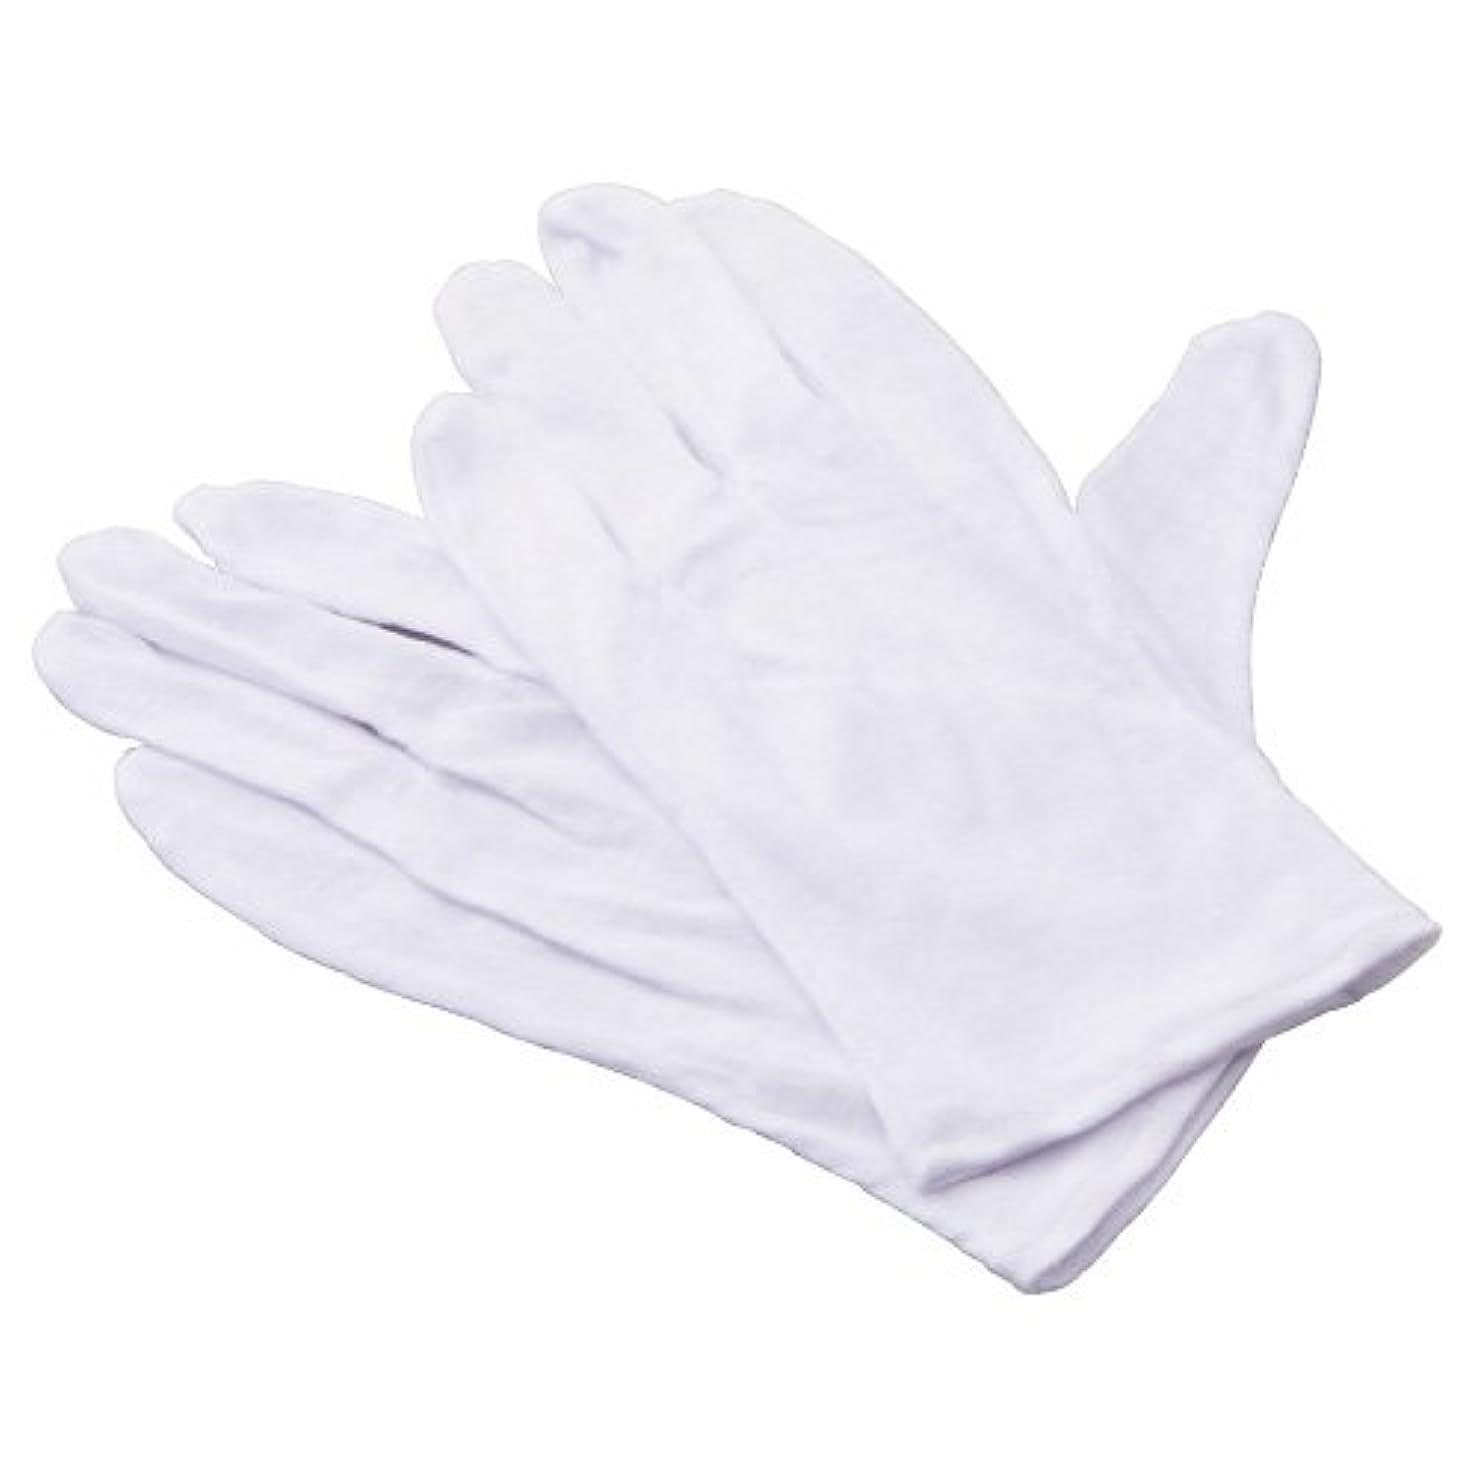 フェンス検索重要な役割を果たす、中心的な手段となるマイスコメリヤス手袋 MY-7110N 短(L)サイズ(全長):230mm